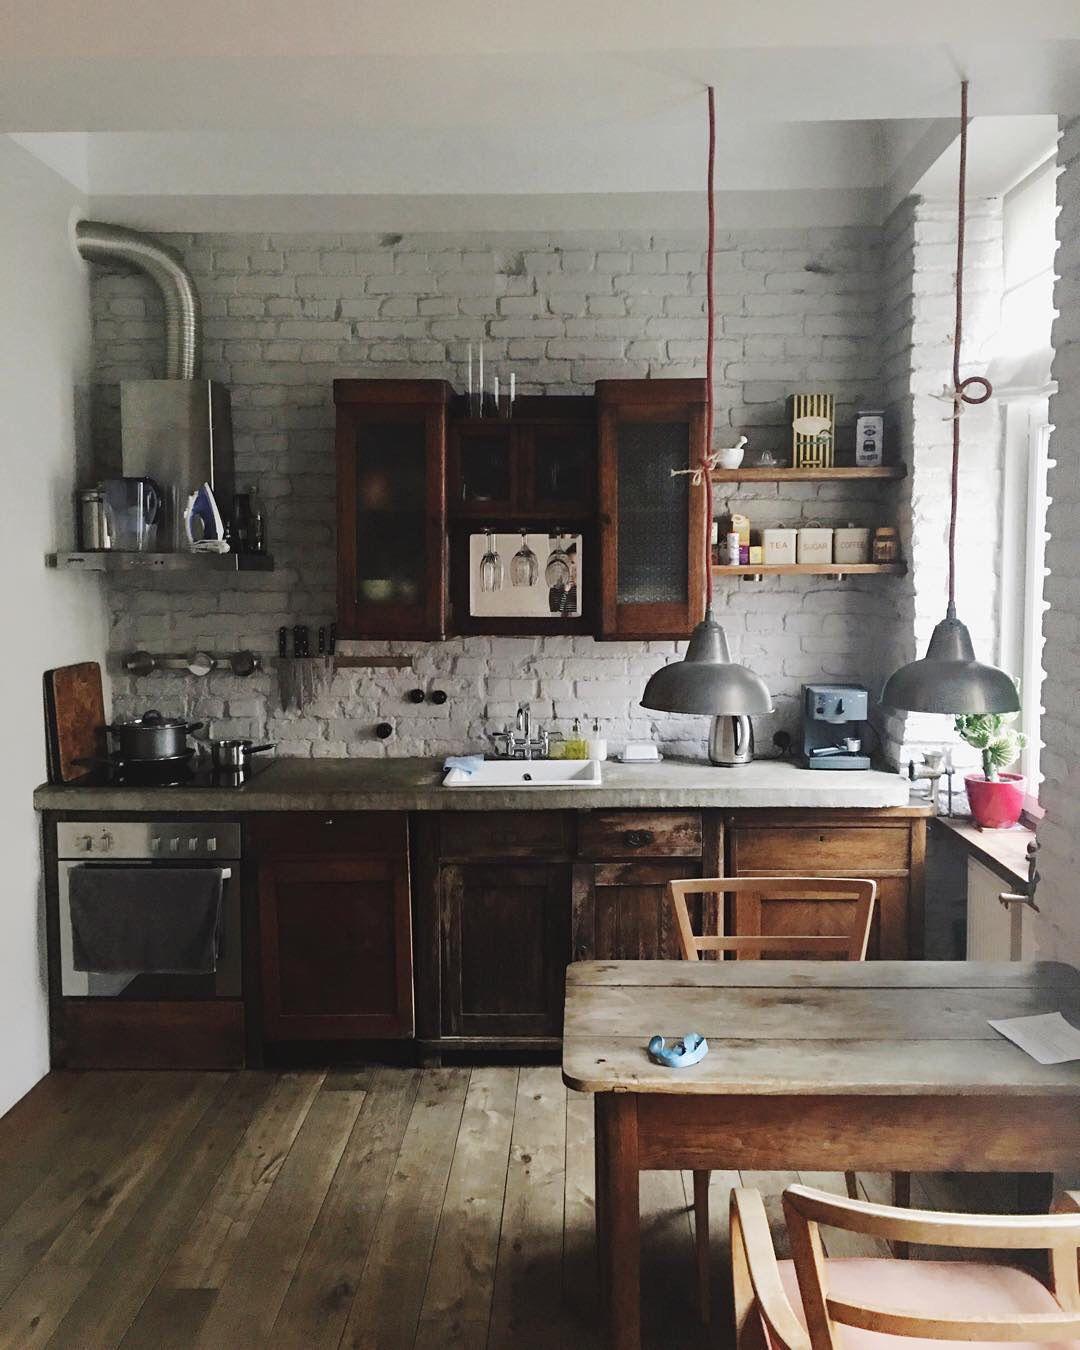 Pin de Vera Kha en Flat ideas | Pinterest | Cocinas, Decoración y Hogar